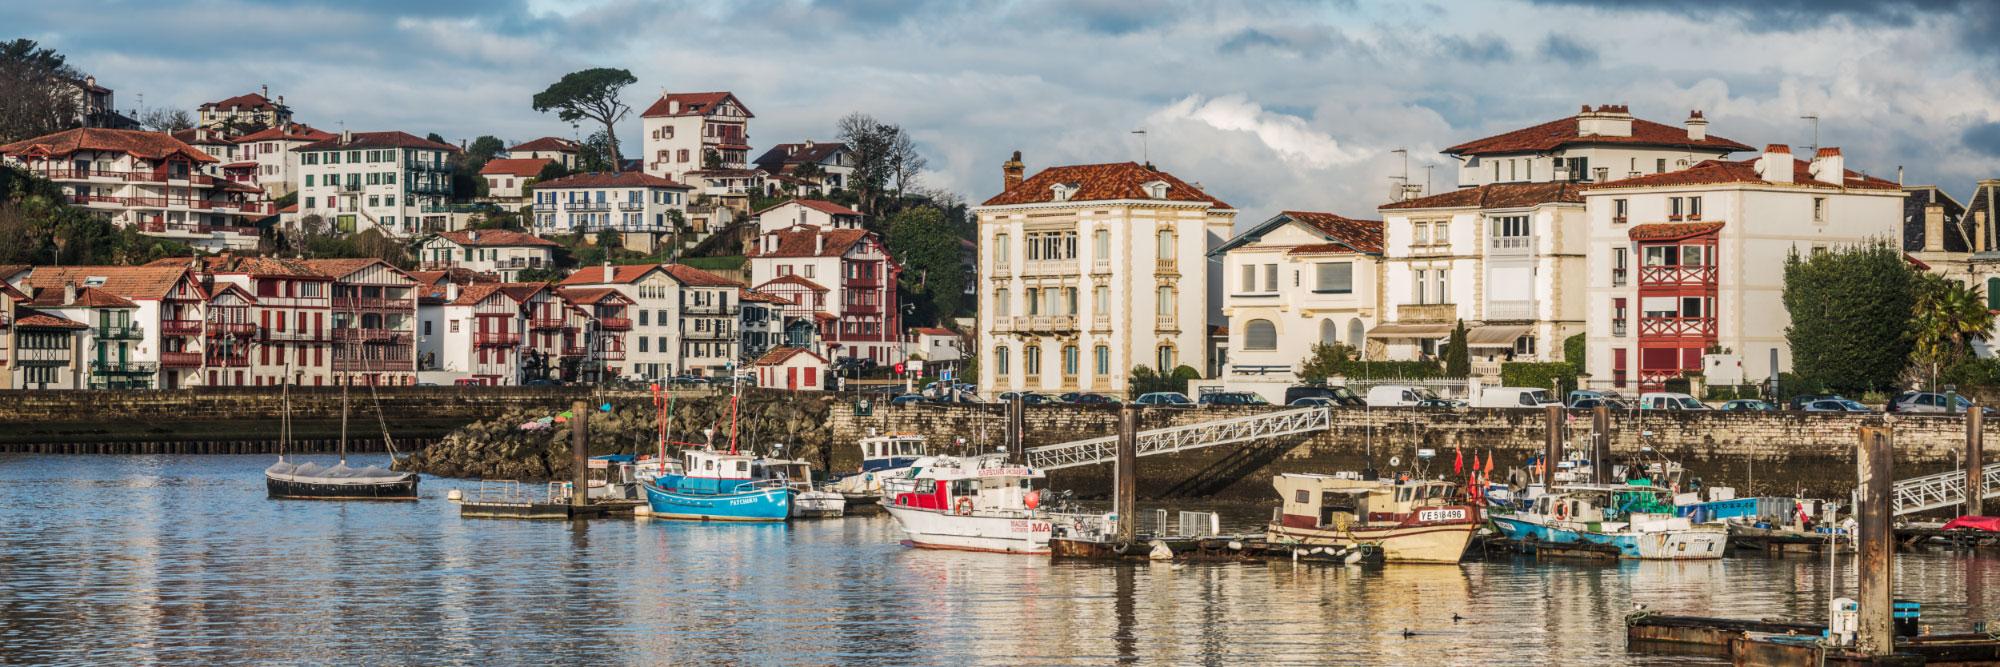 Ciboure (à gauche) face à Saint-Jean-de-Luz, côte basque